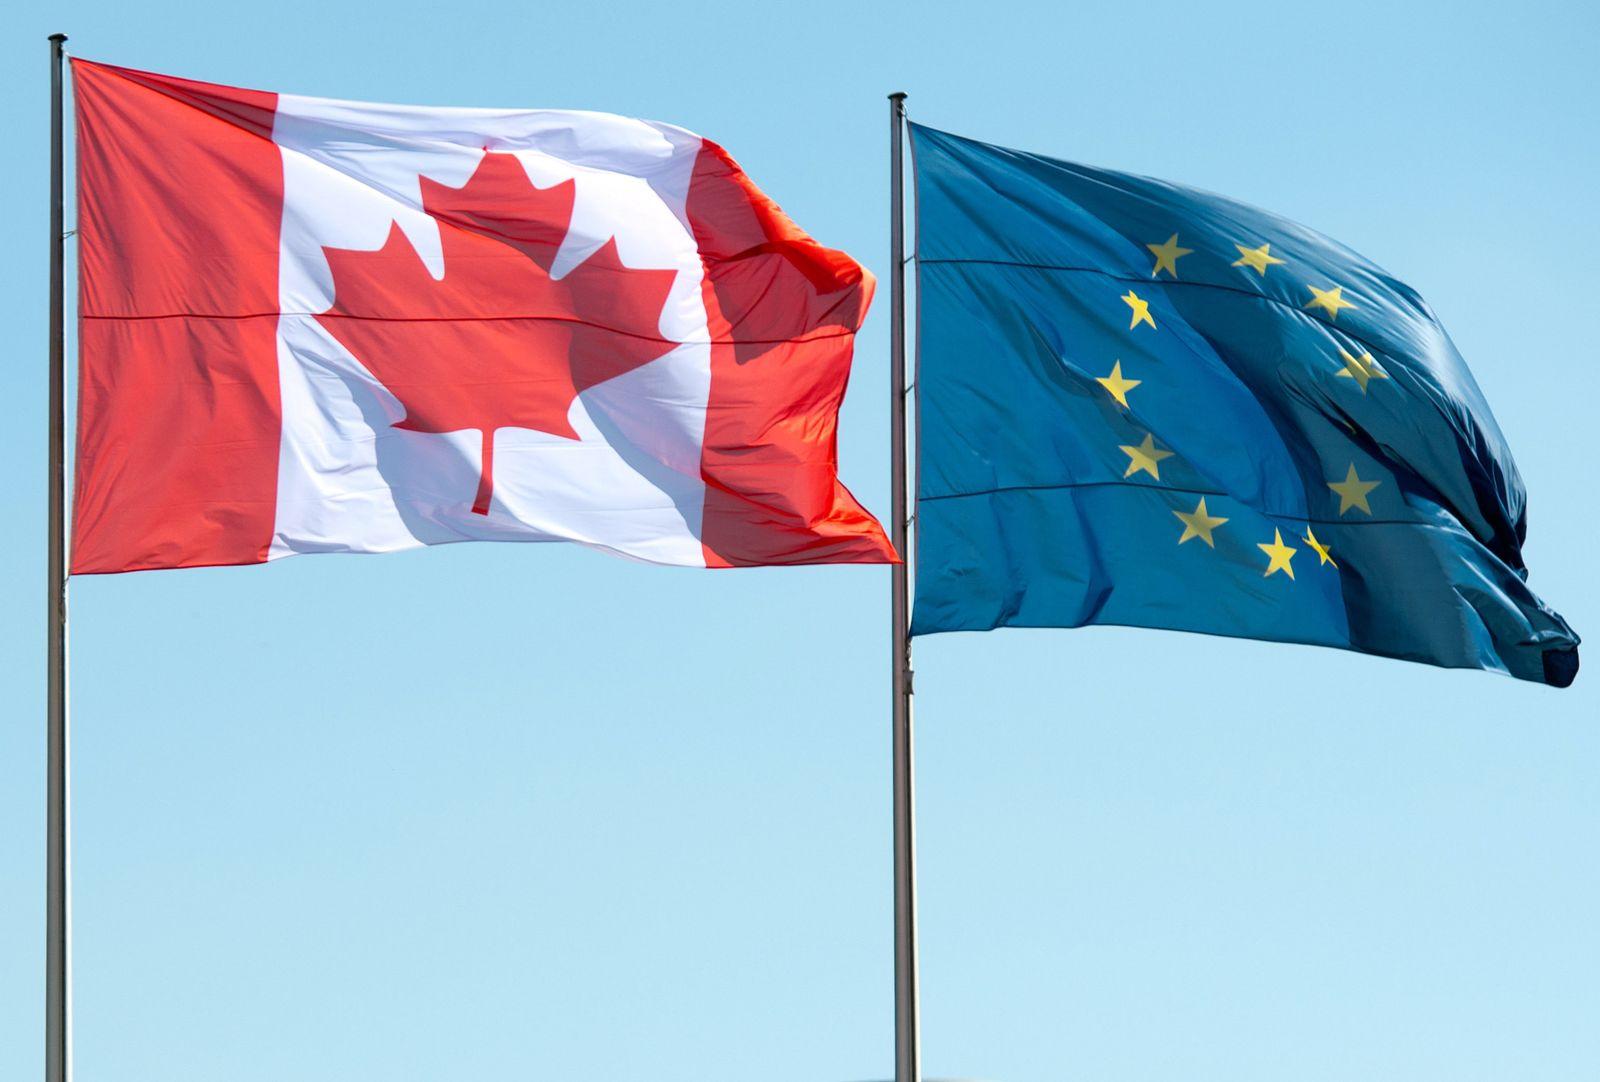 Ceta / Kanada und der EU